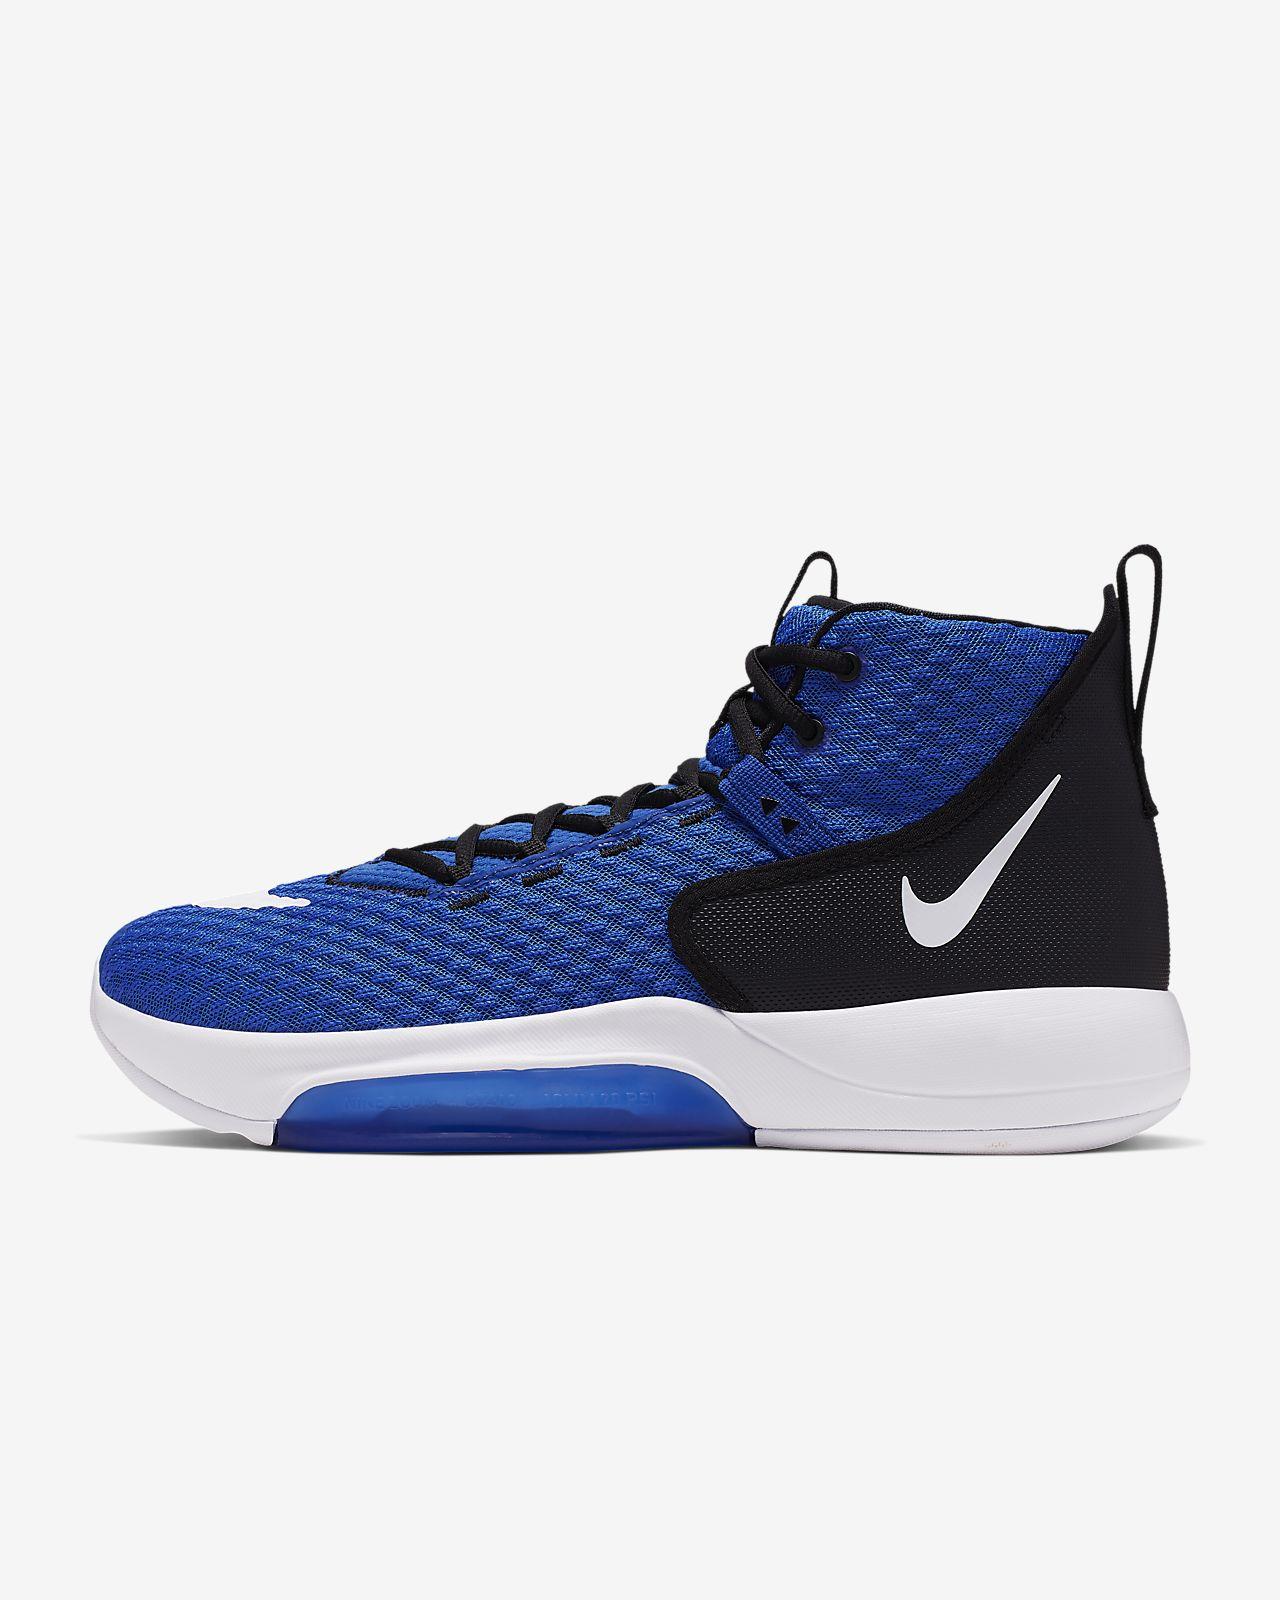 Παπούτσι μπάσκετ Nike Zoom Rize (Team)